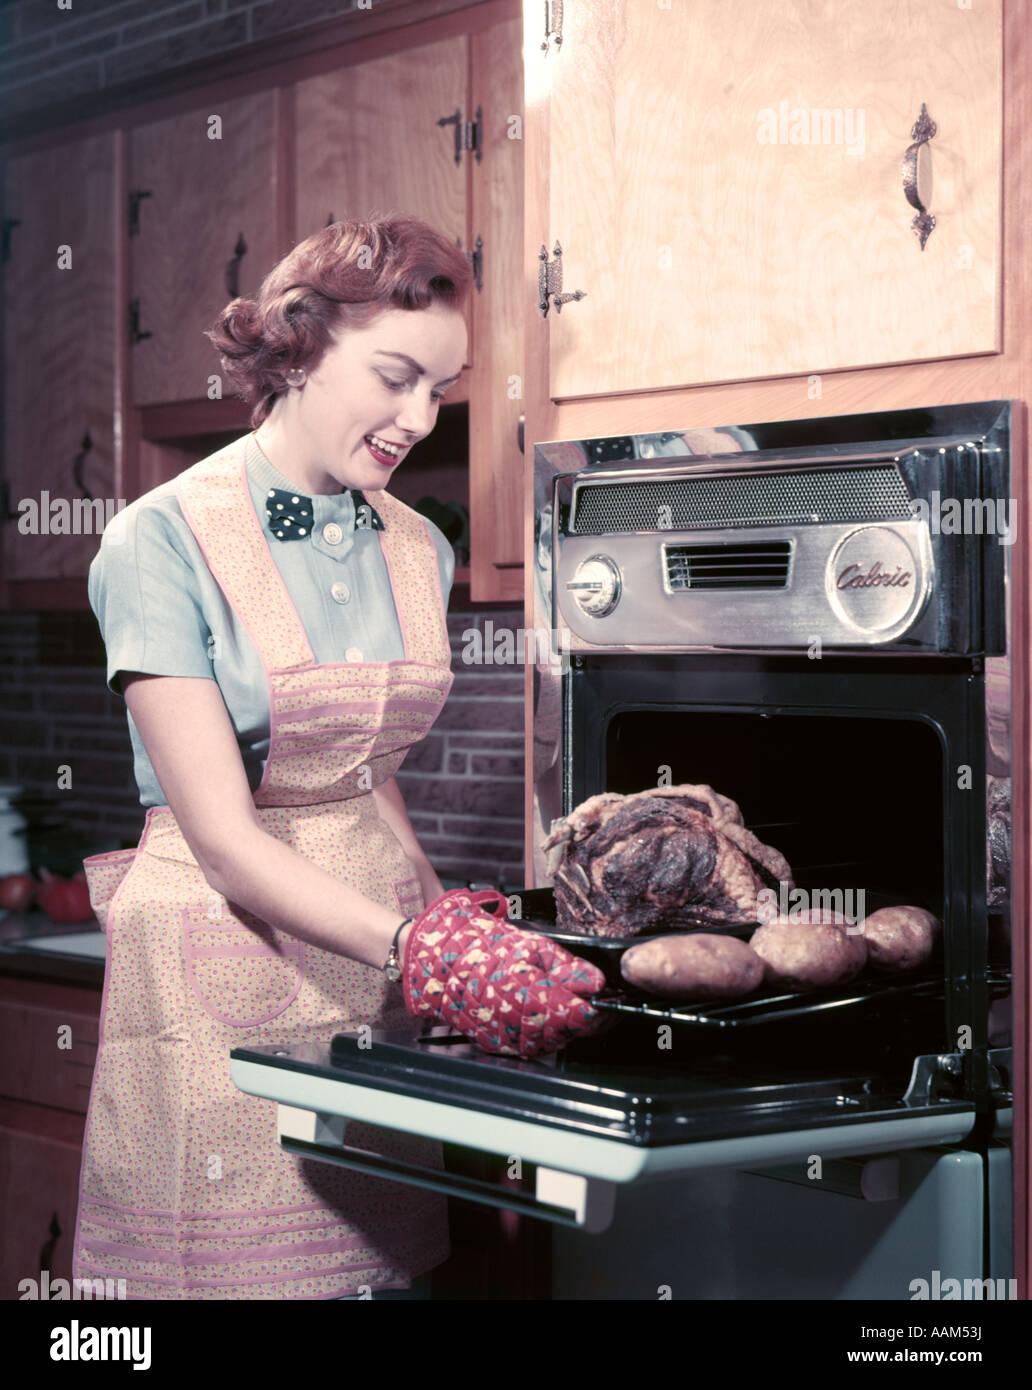 Anni Cinquanta donna sorridente casalinga indossando grembiuli e guanti da  forno tenendo arrosto di vitello al forno con patate al di fuori del forno  di ... a11d81677063